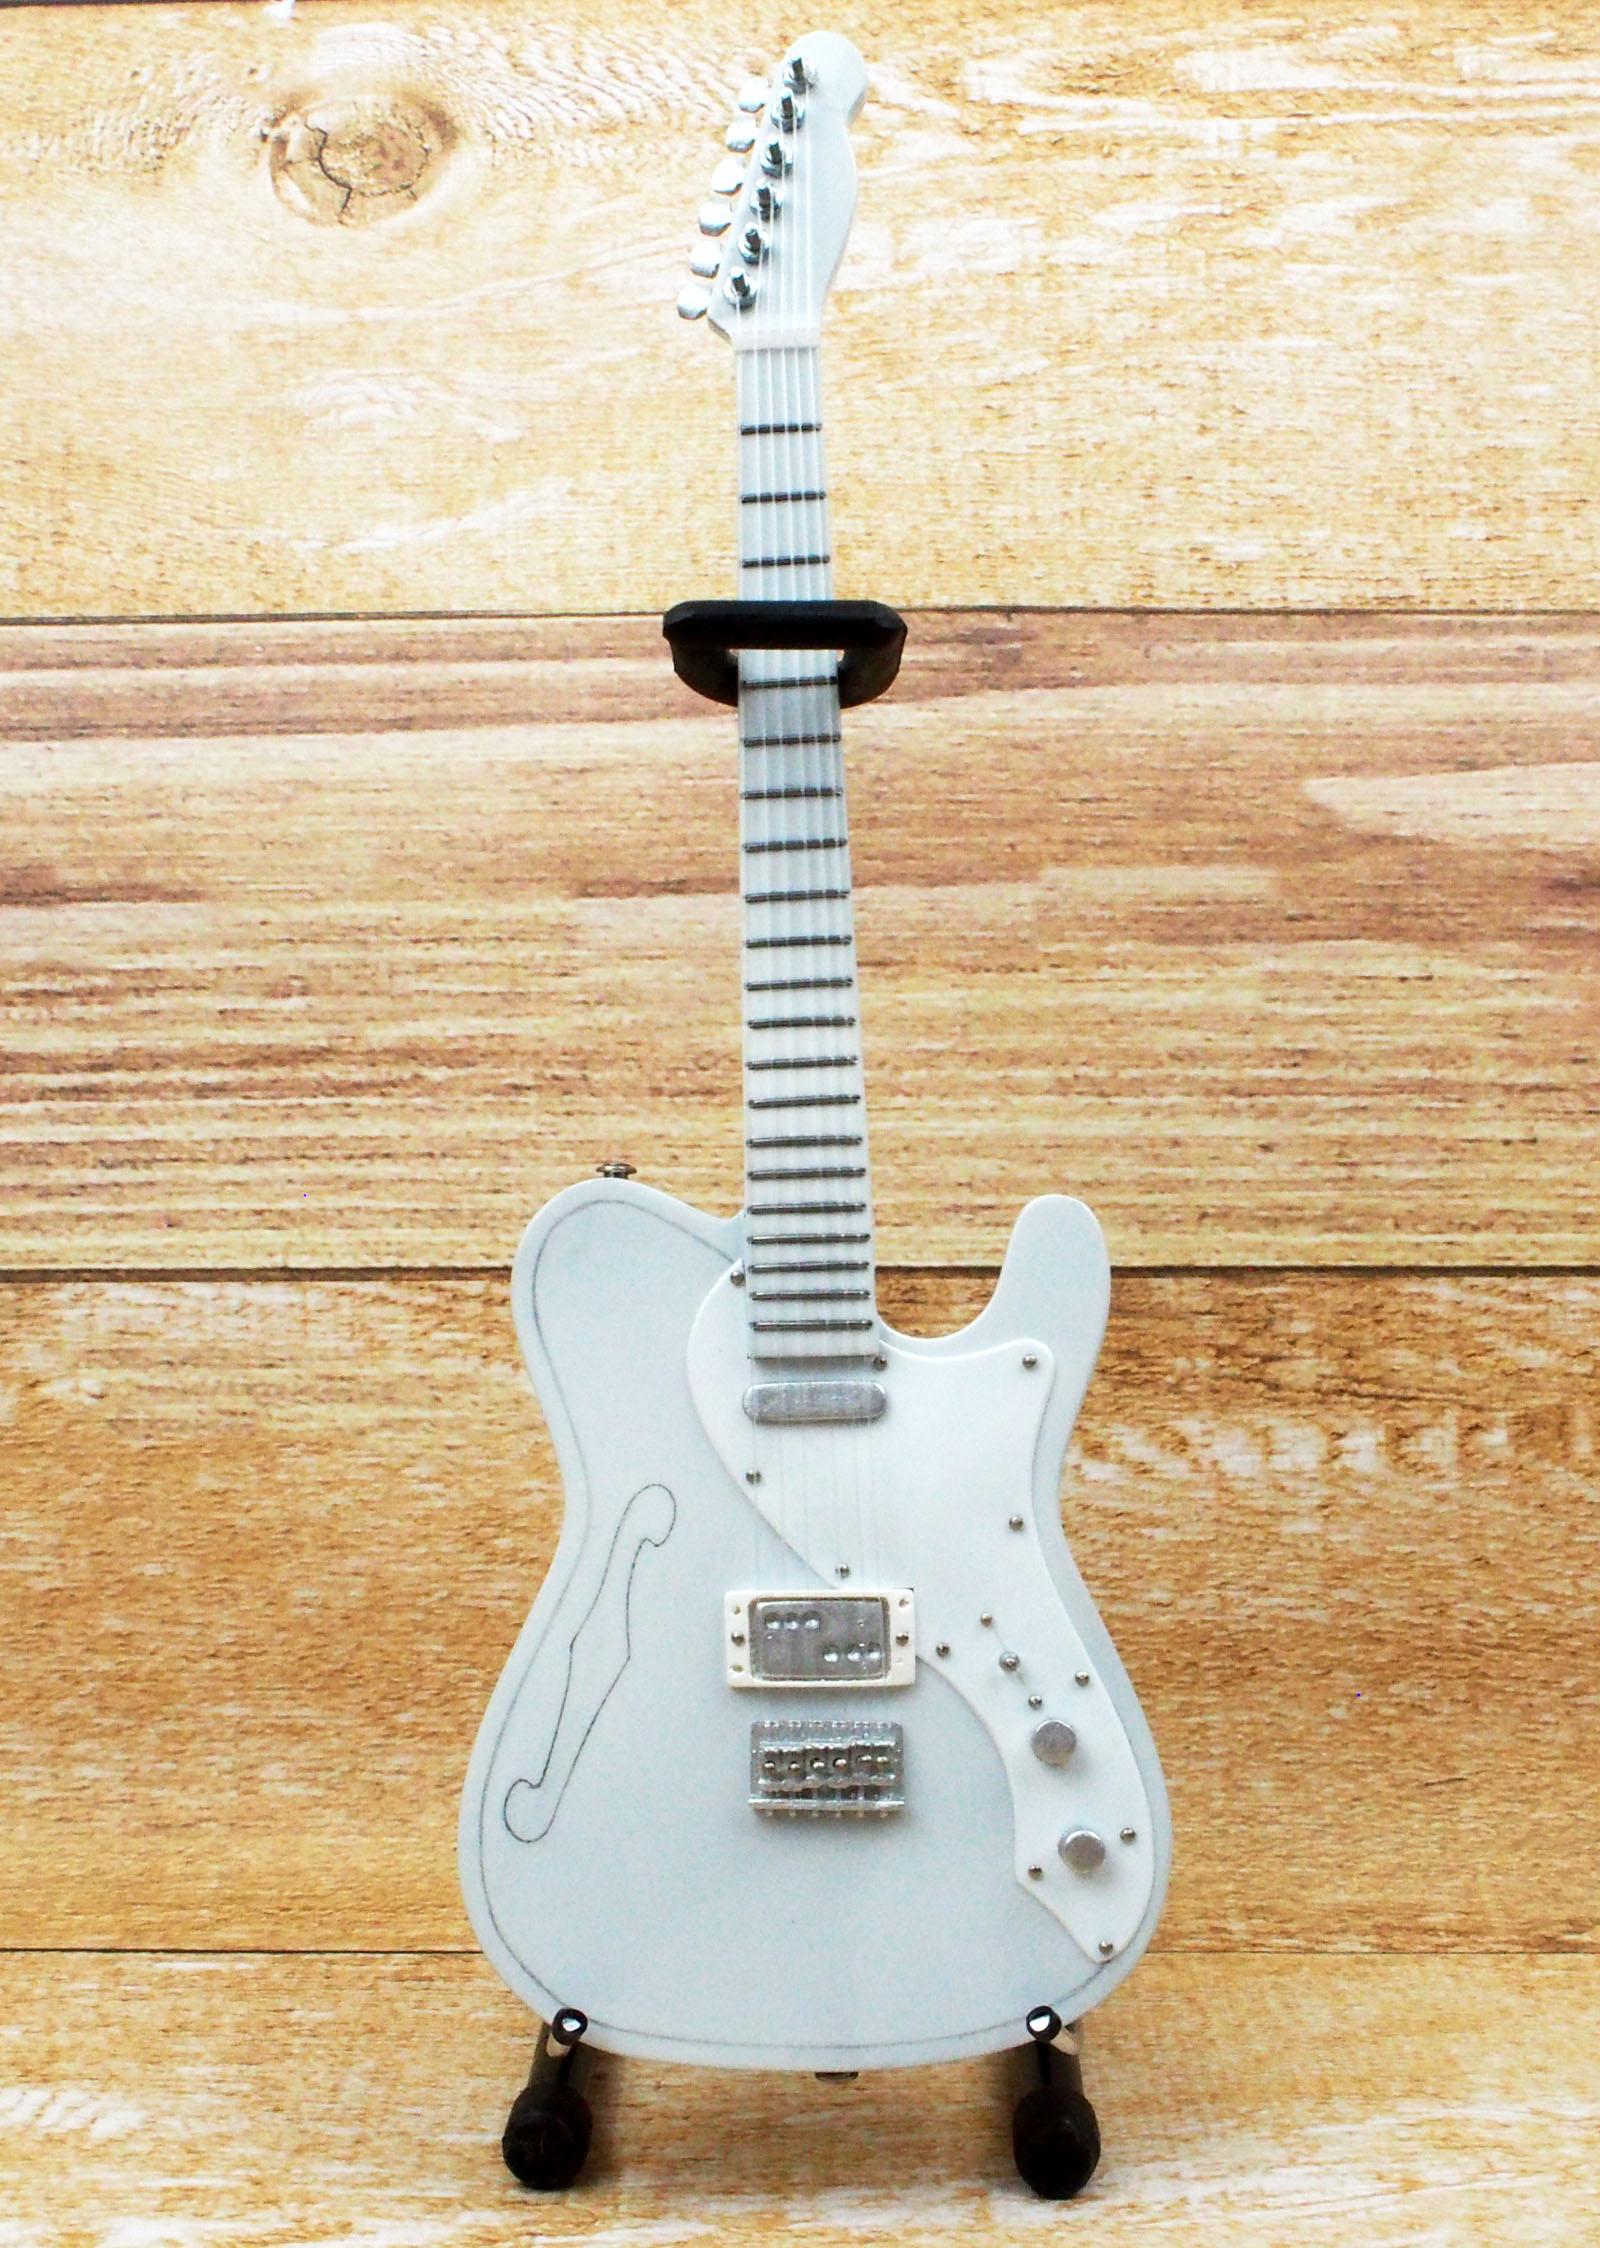 Musical Story ミニチュア ギター フィギュア TL スタイル ホワイトカラー画像